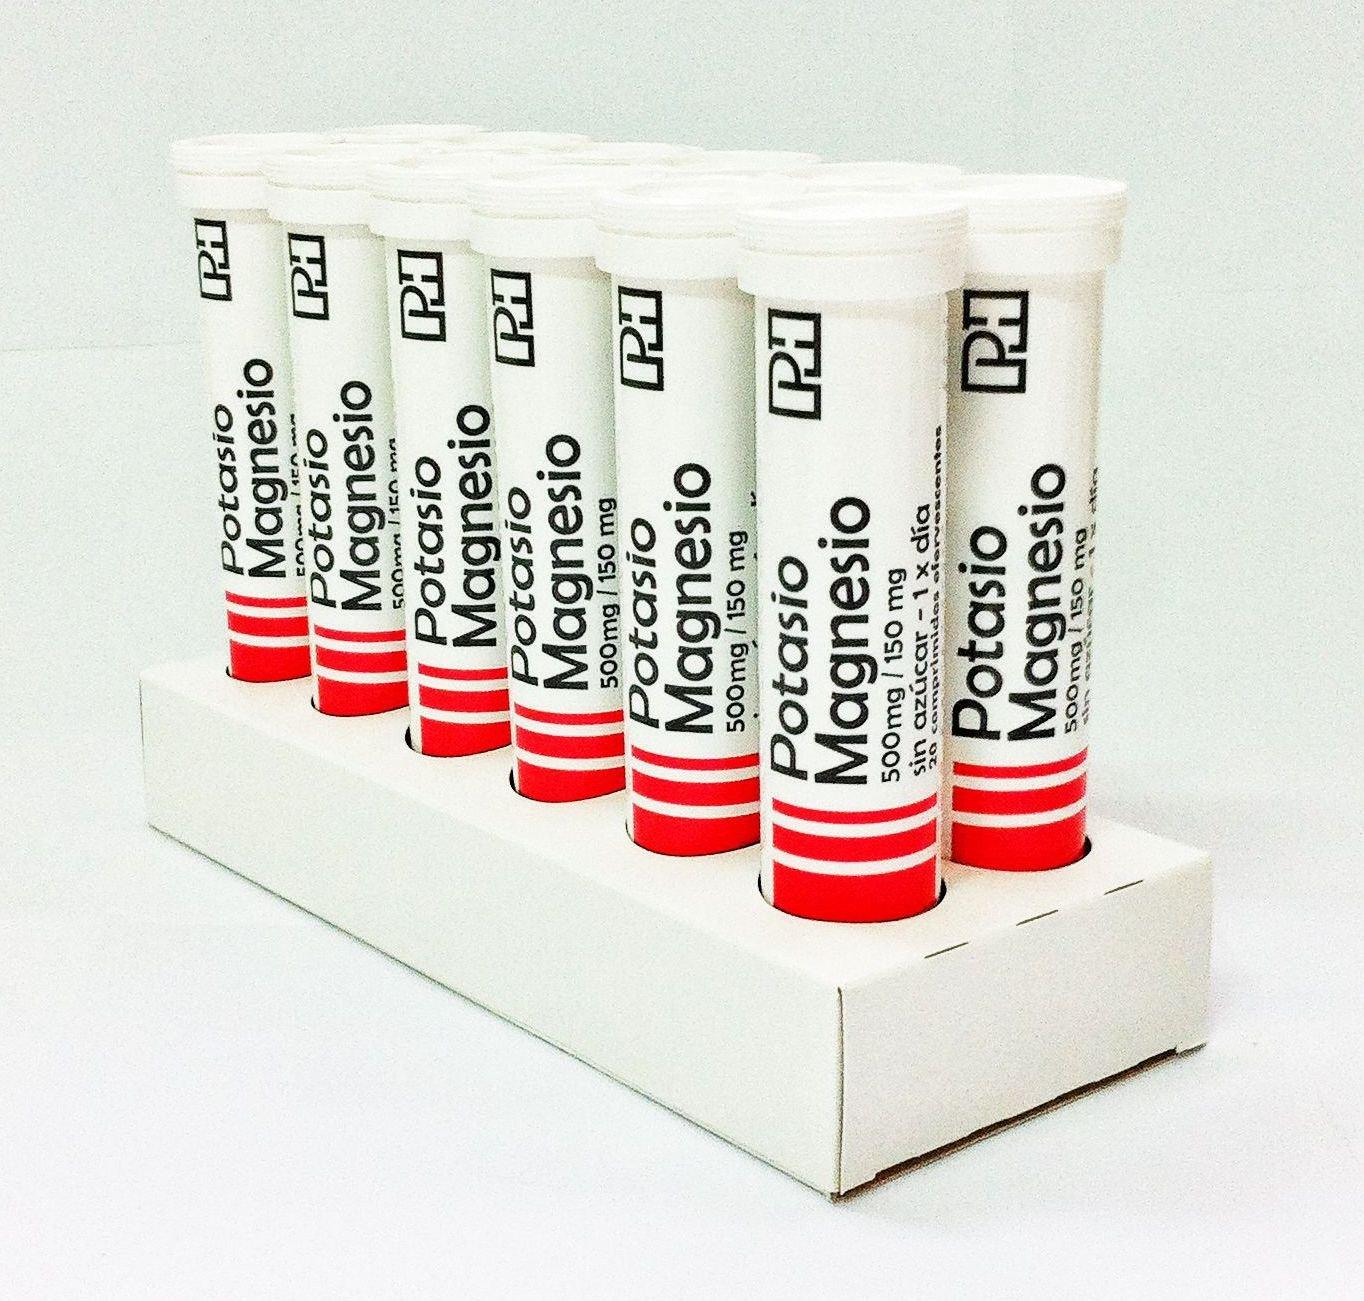 Pack POTASIO MAGNESIO PH 500 mg/150 mg. 12 Tubos de 20 comprimidos efervescentes. OFERTA 10+2 Gratis: Amazon.es: Salud y cuidado personal